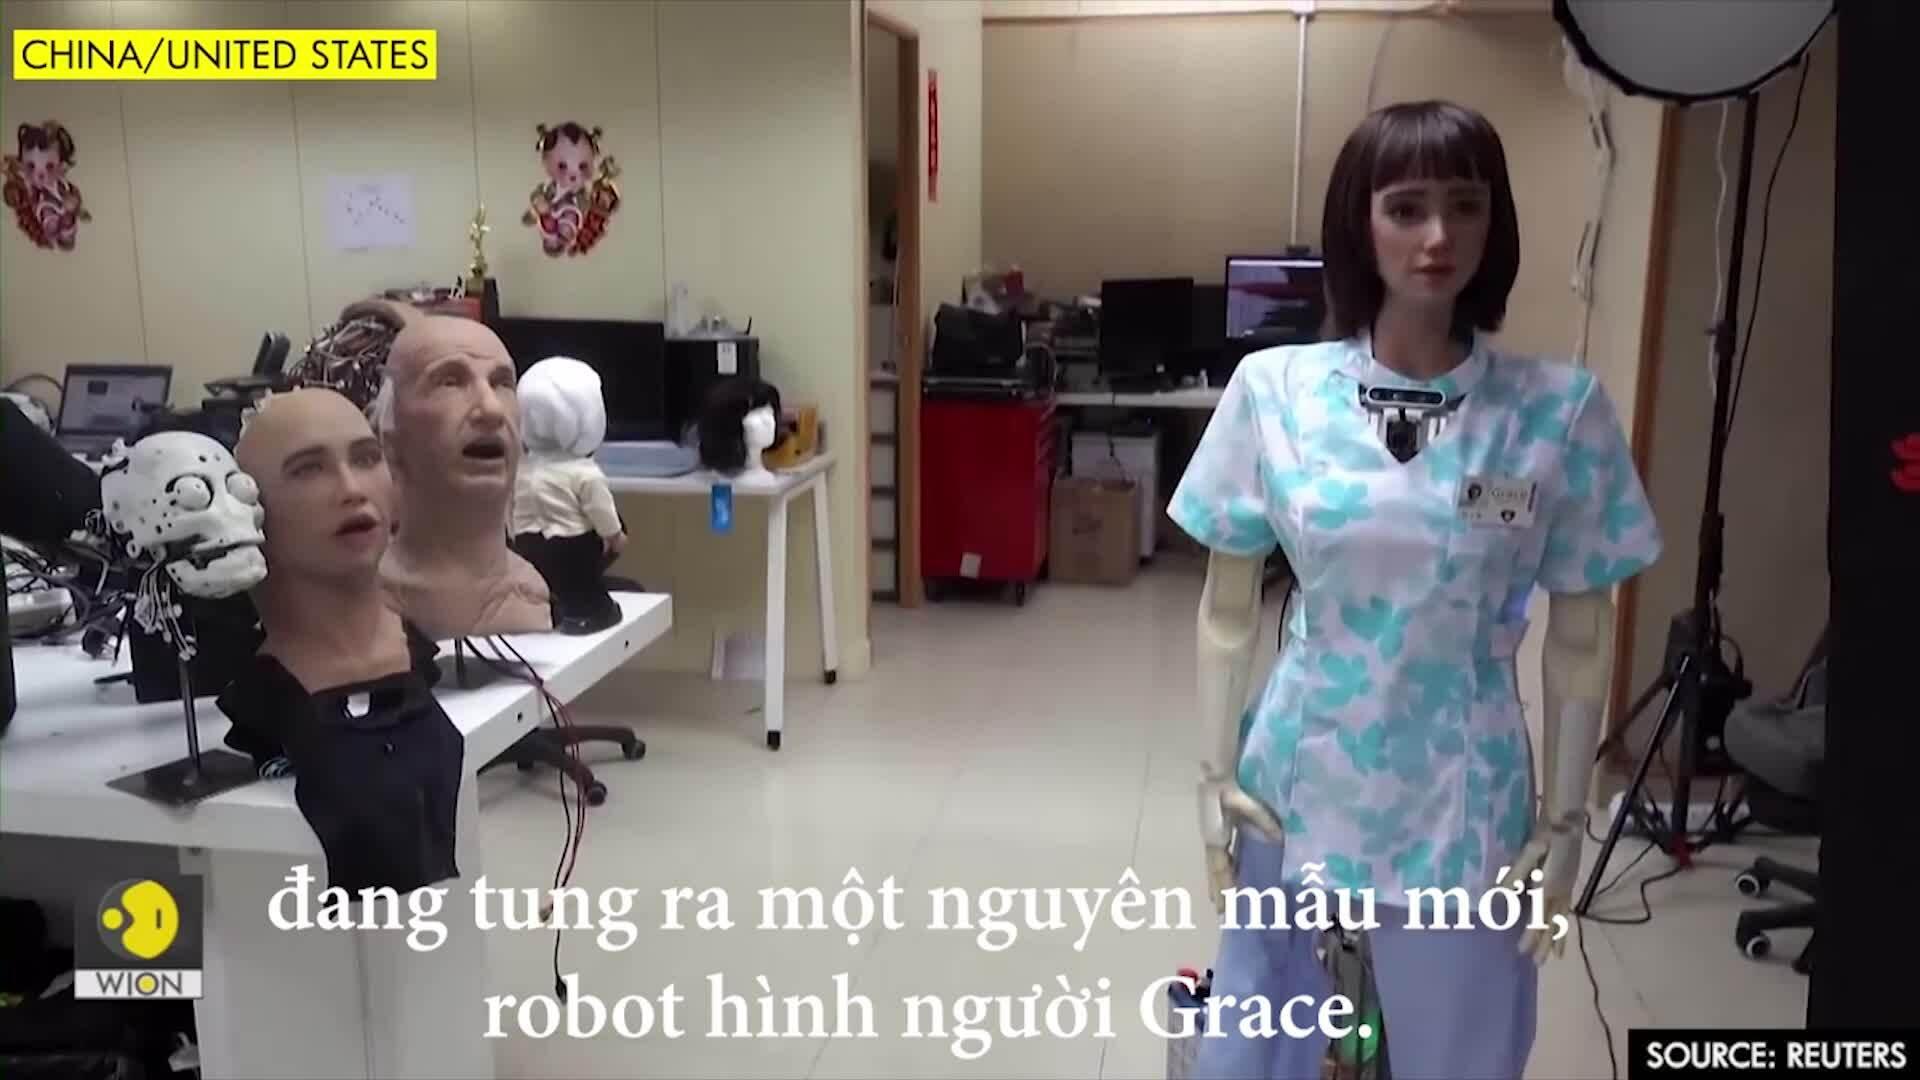 'Em gái' robot Sophia giúp chăm sóc sức khỏe trong Covid-19